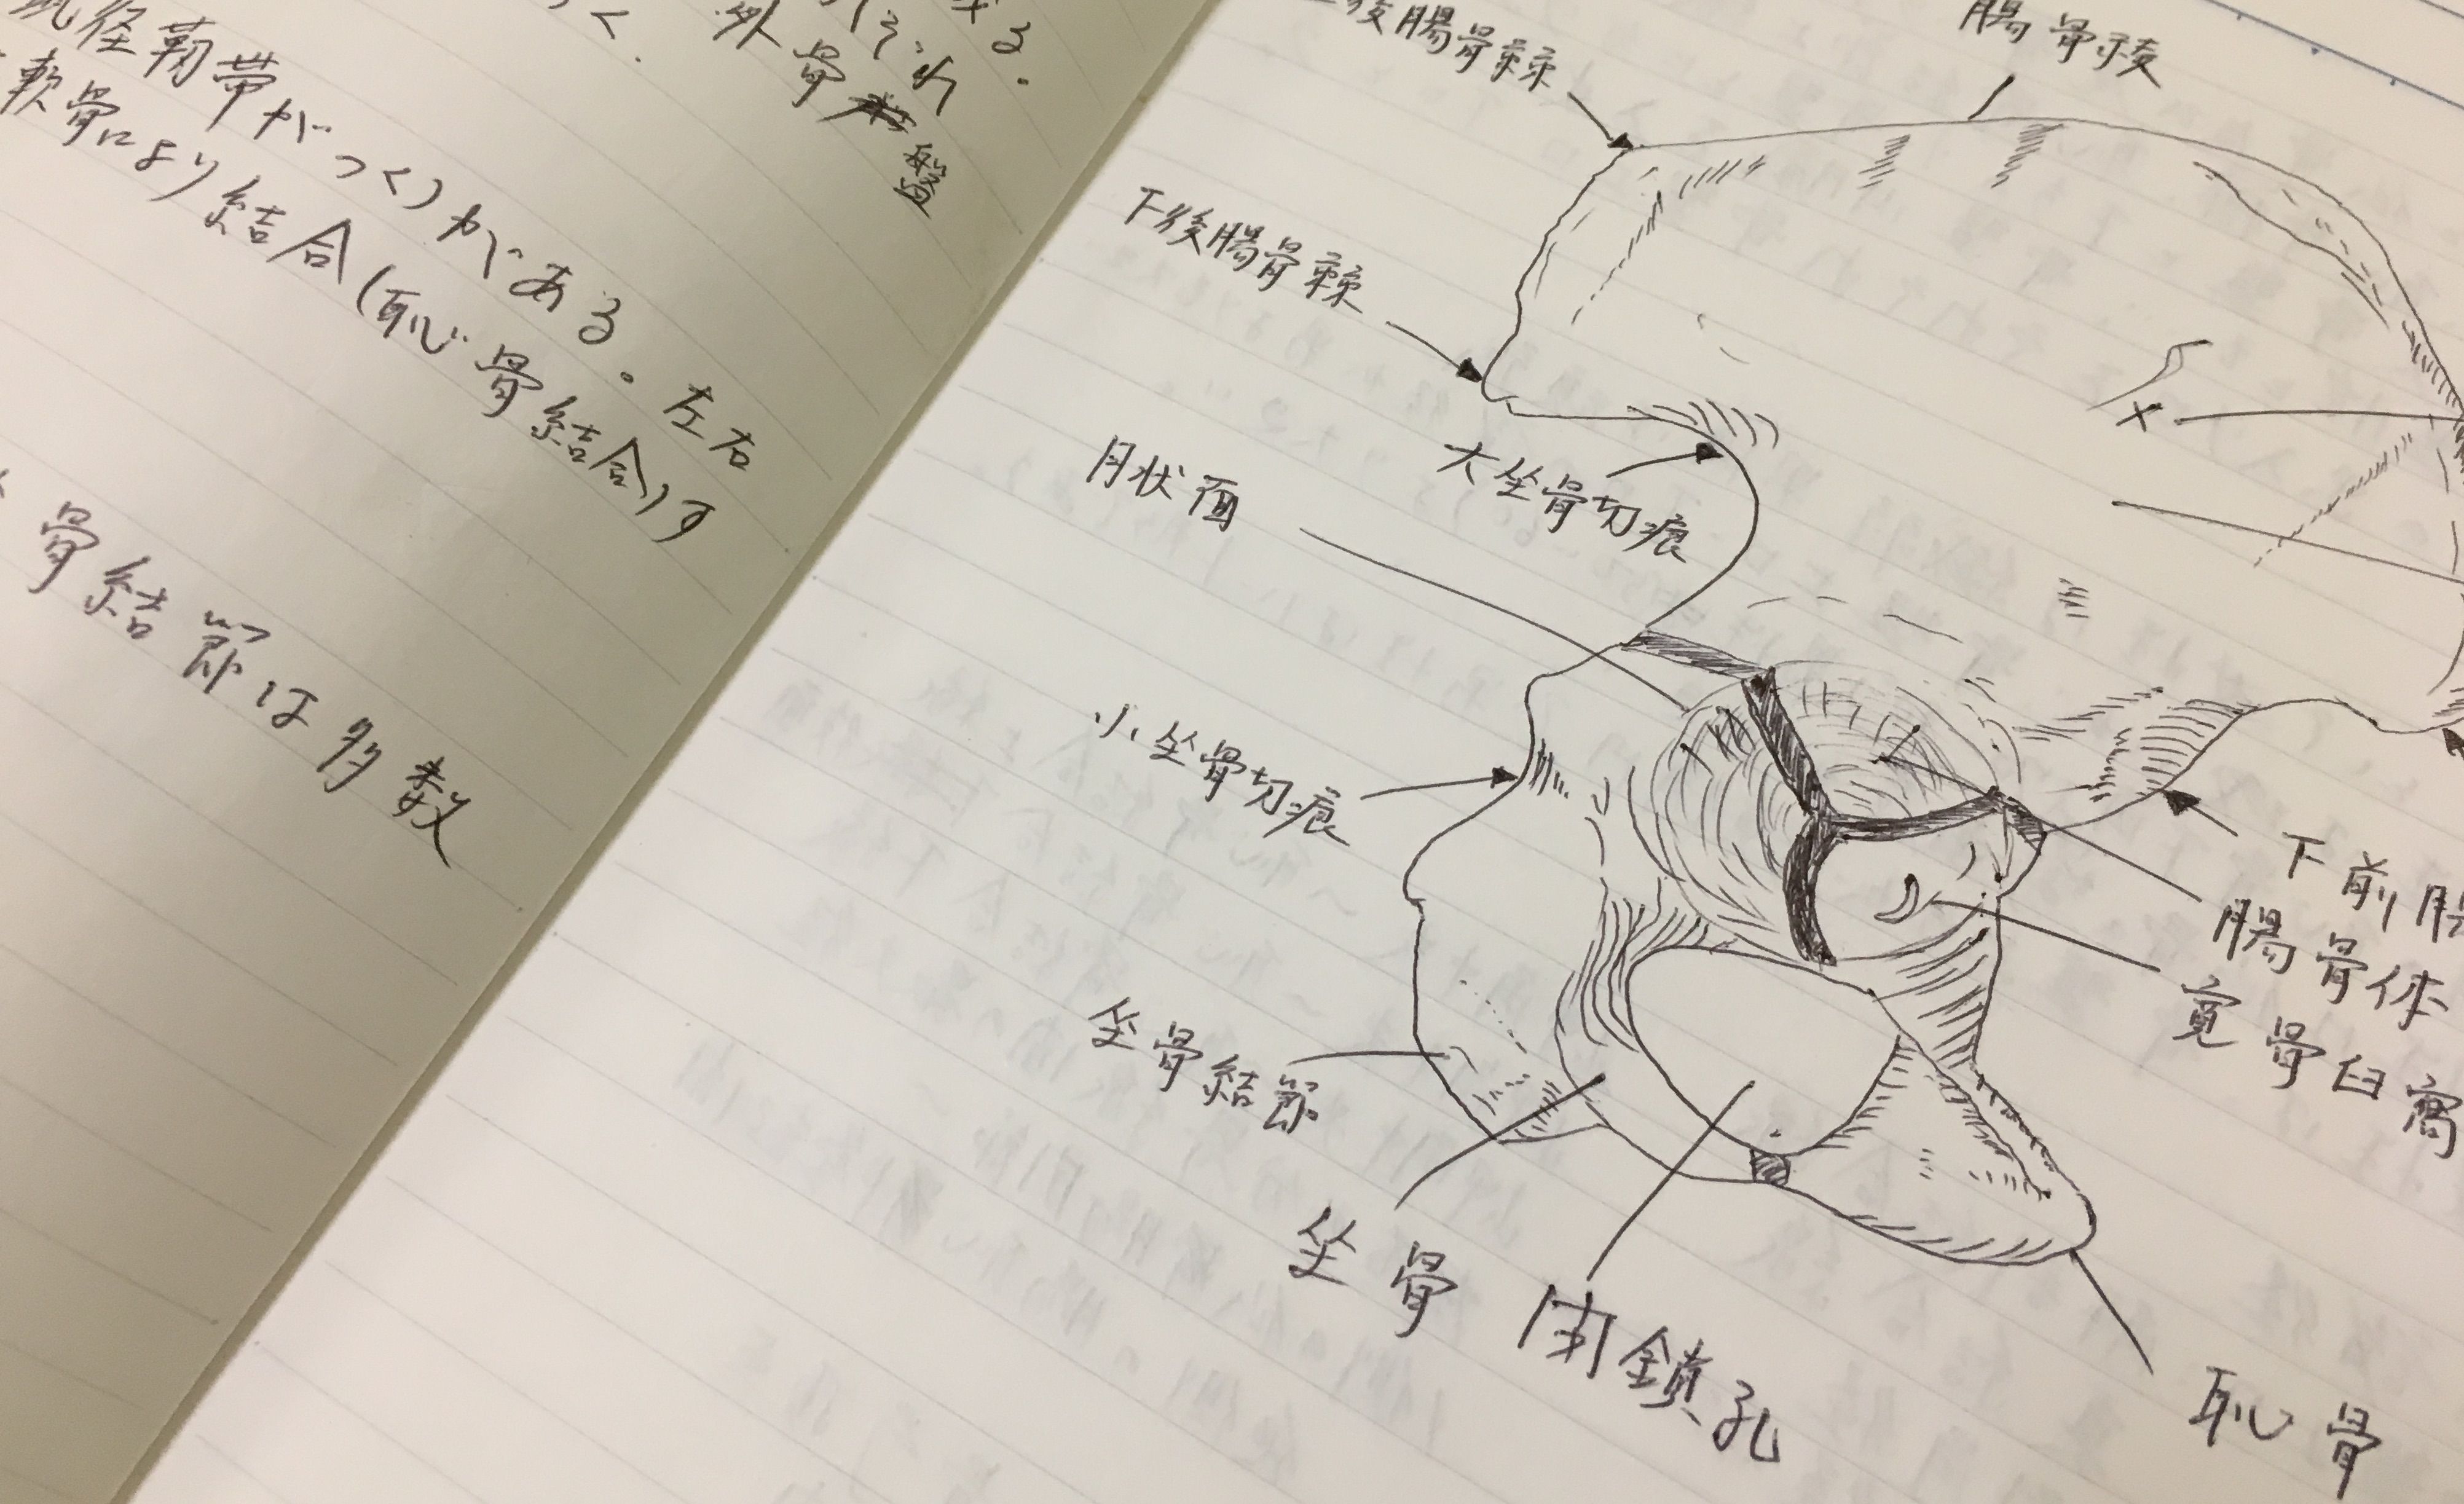 看護師国家試験合格の秘訣 Vol.1